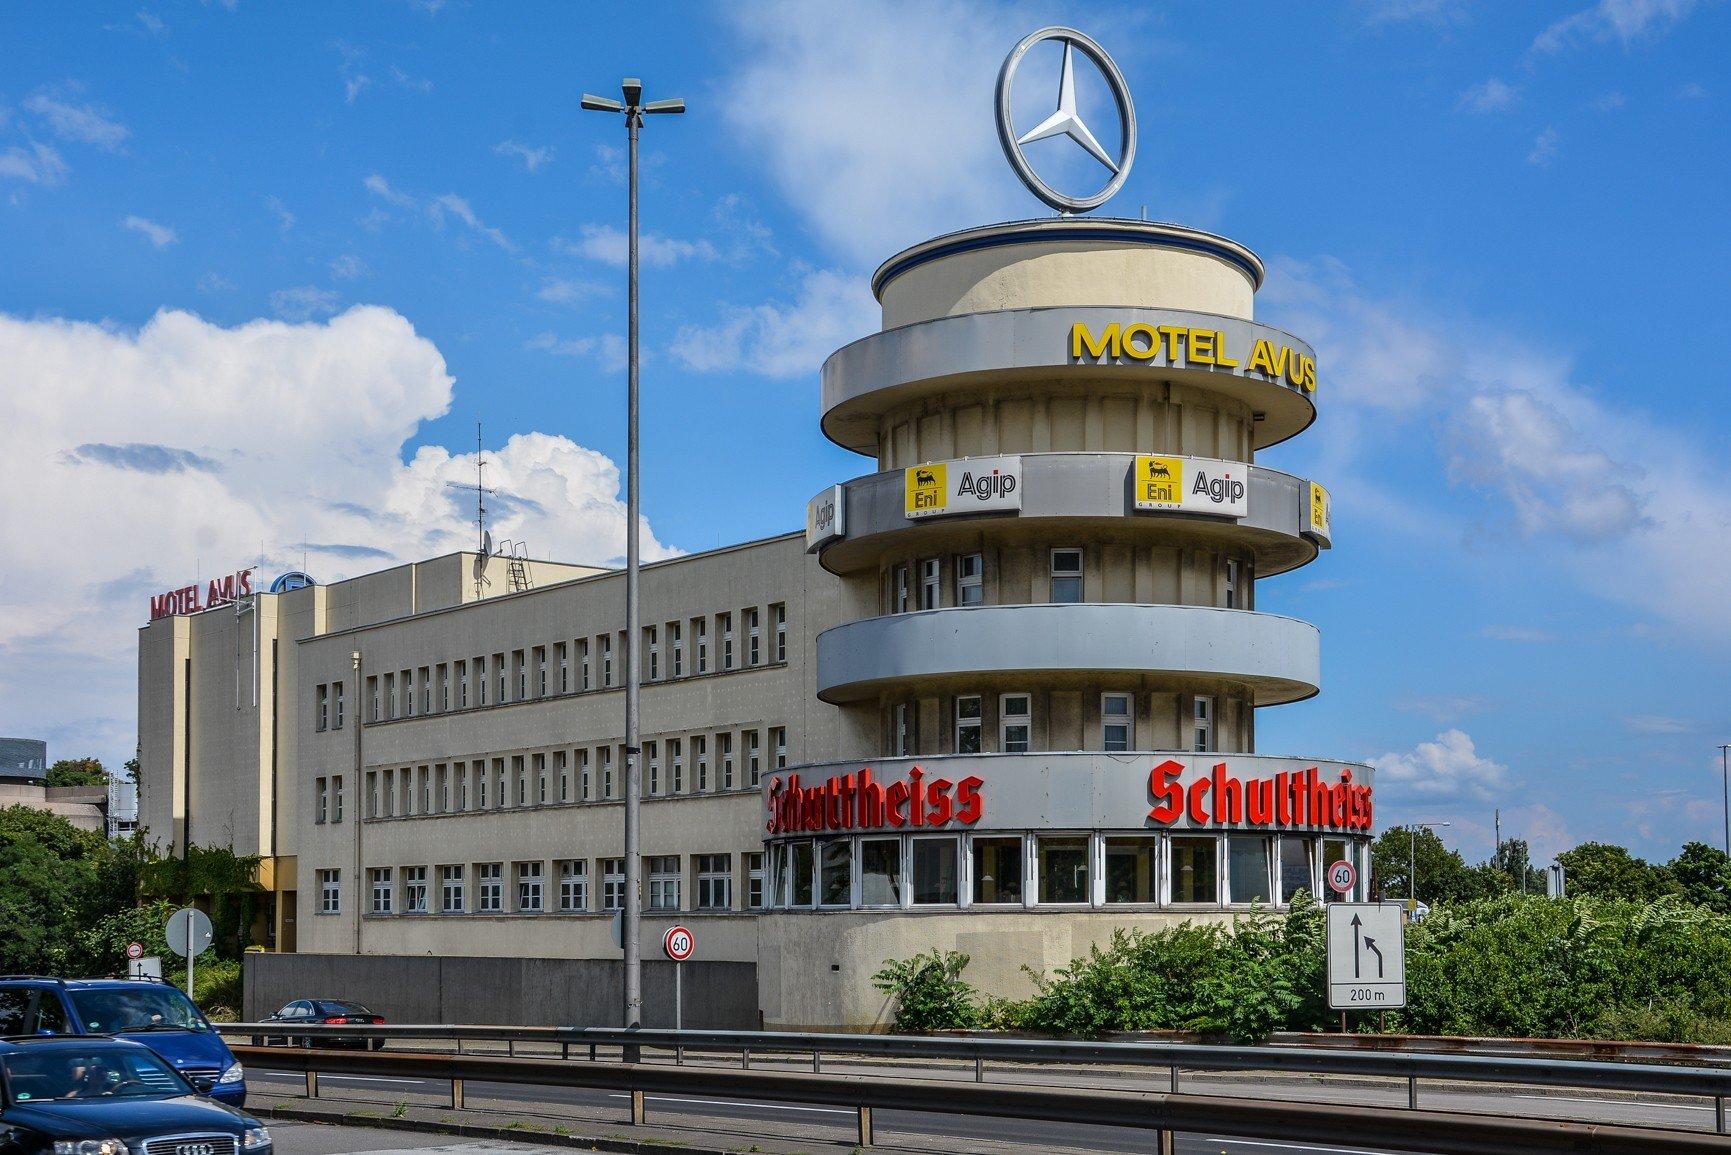 avus motel berlin autobahn